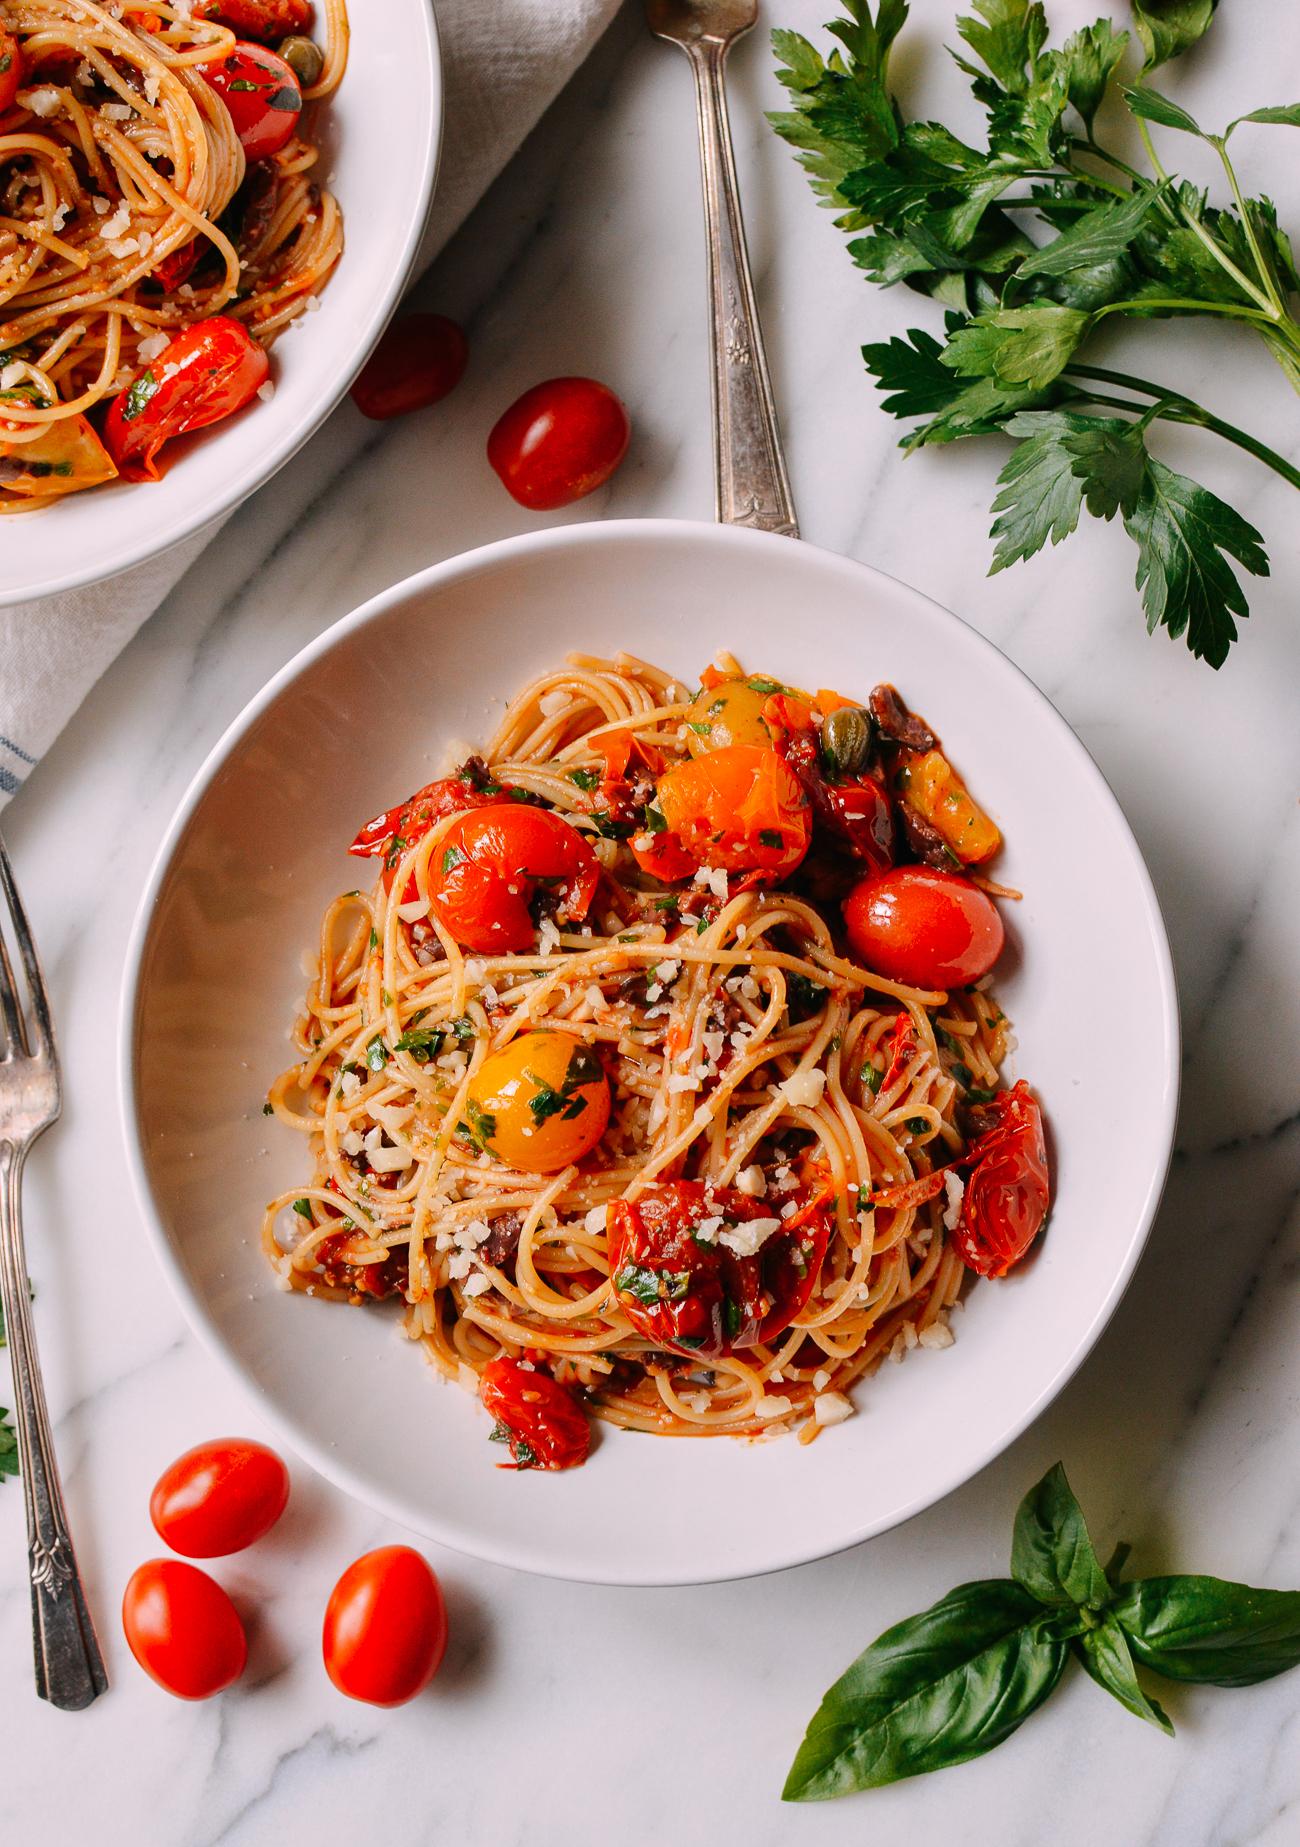 Summer Pasta Recipe - Cherry Tomato Puttanesca